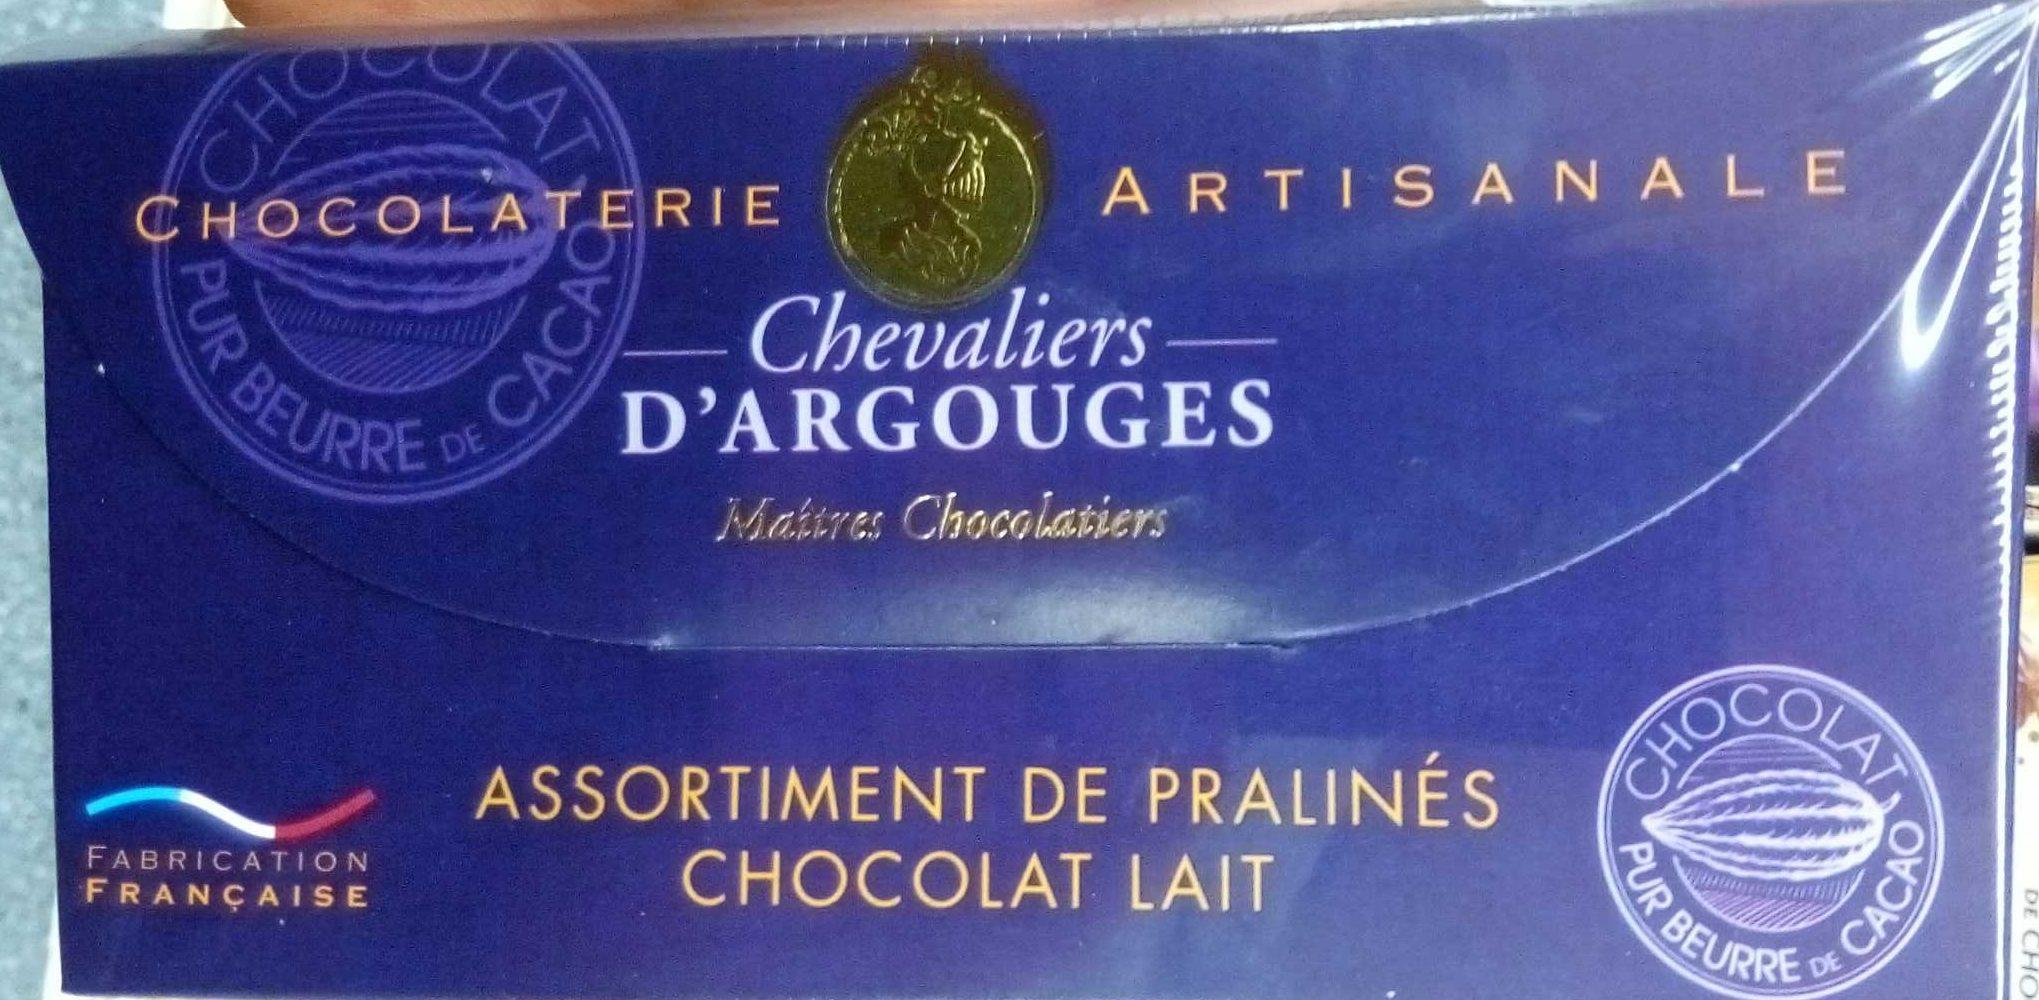 Assortiment de pralinés chocolat lait - Product